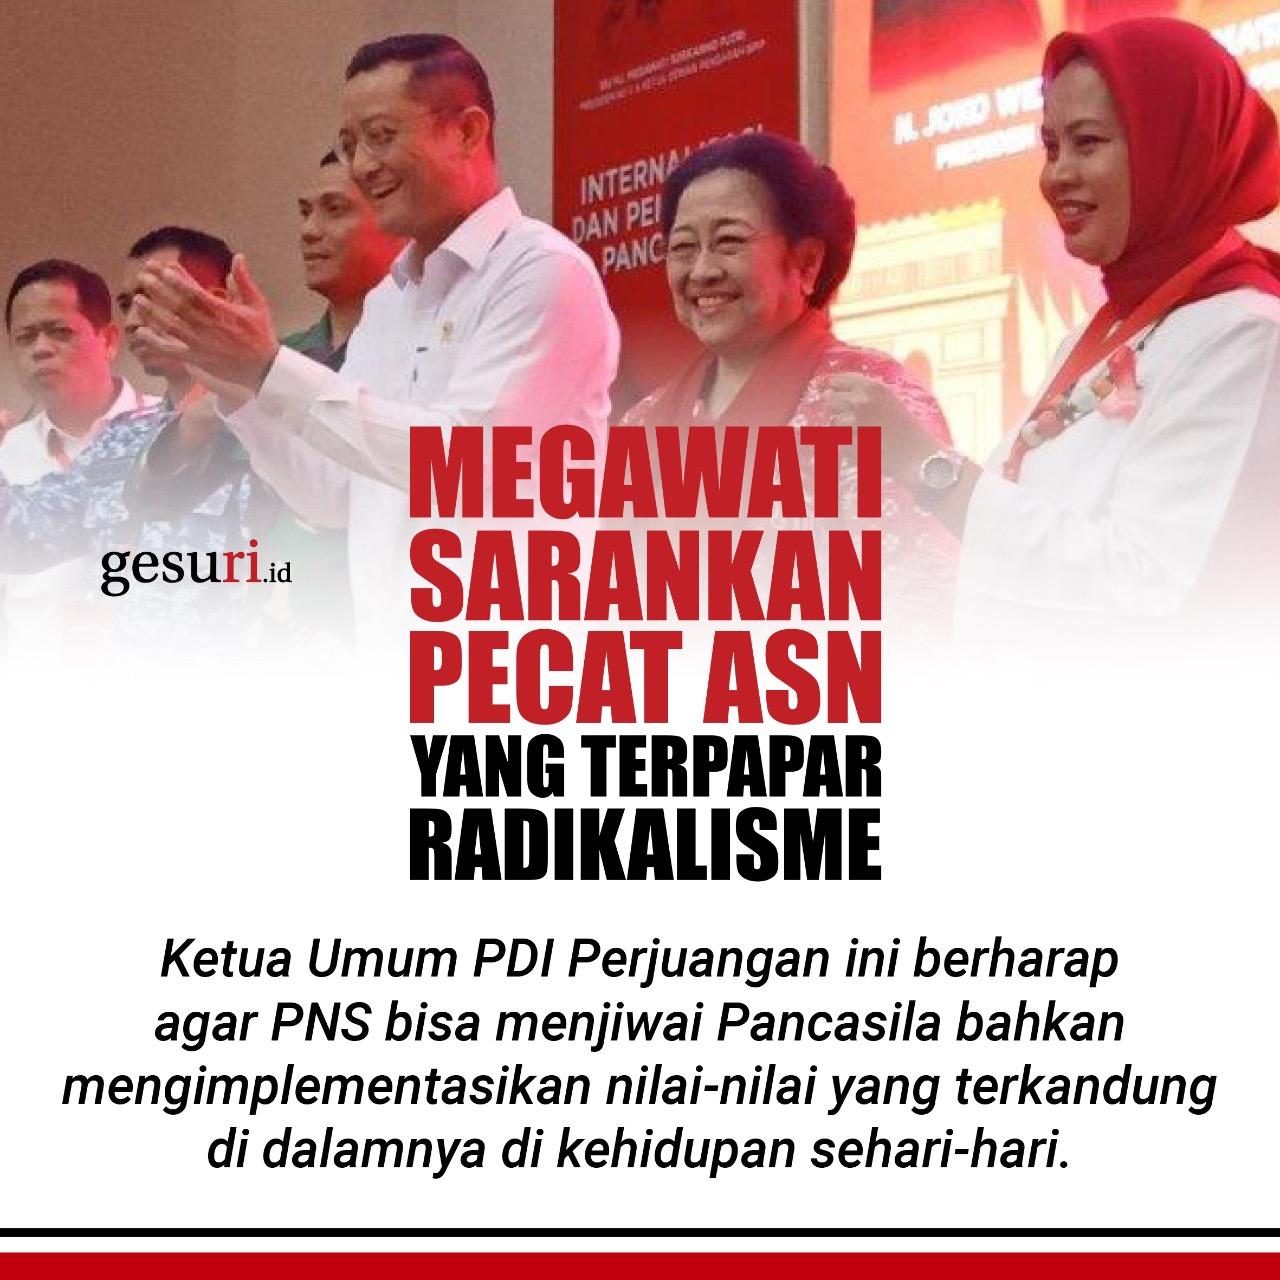 Megawati Sarankan Pecat ASN yang Terpapar Radikalisme